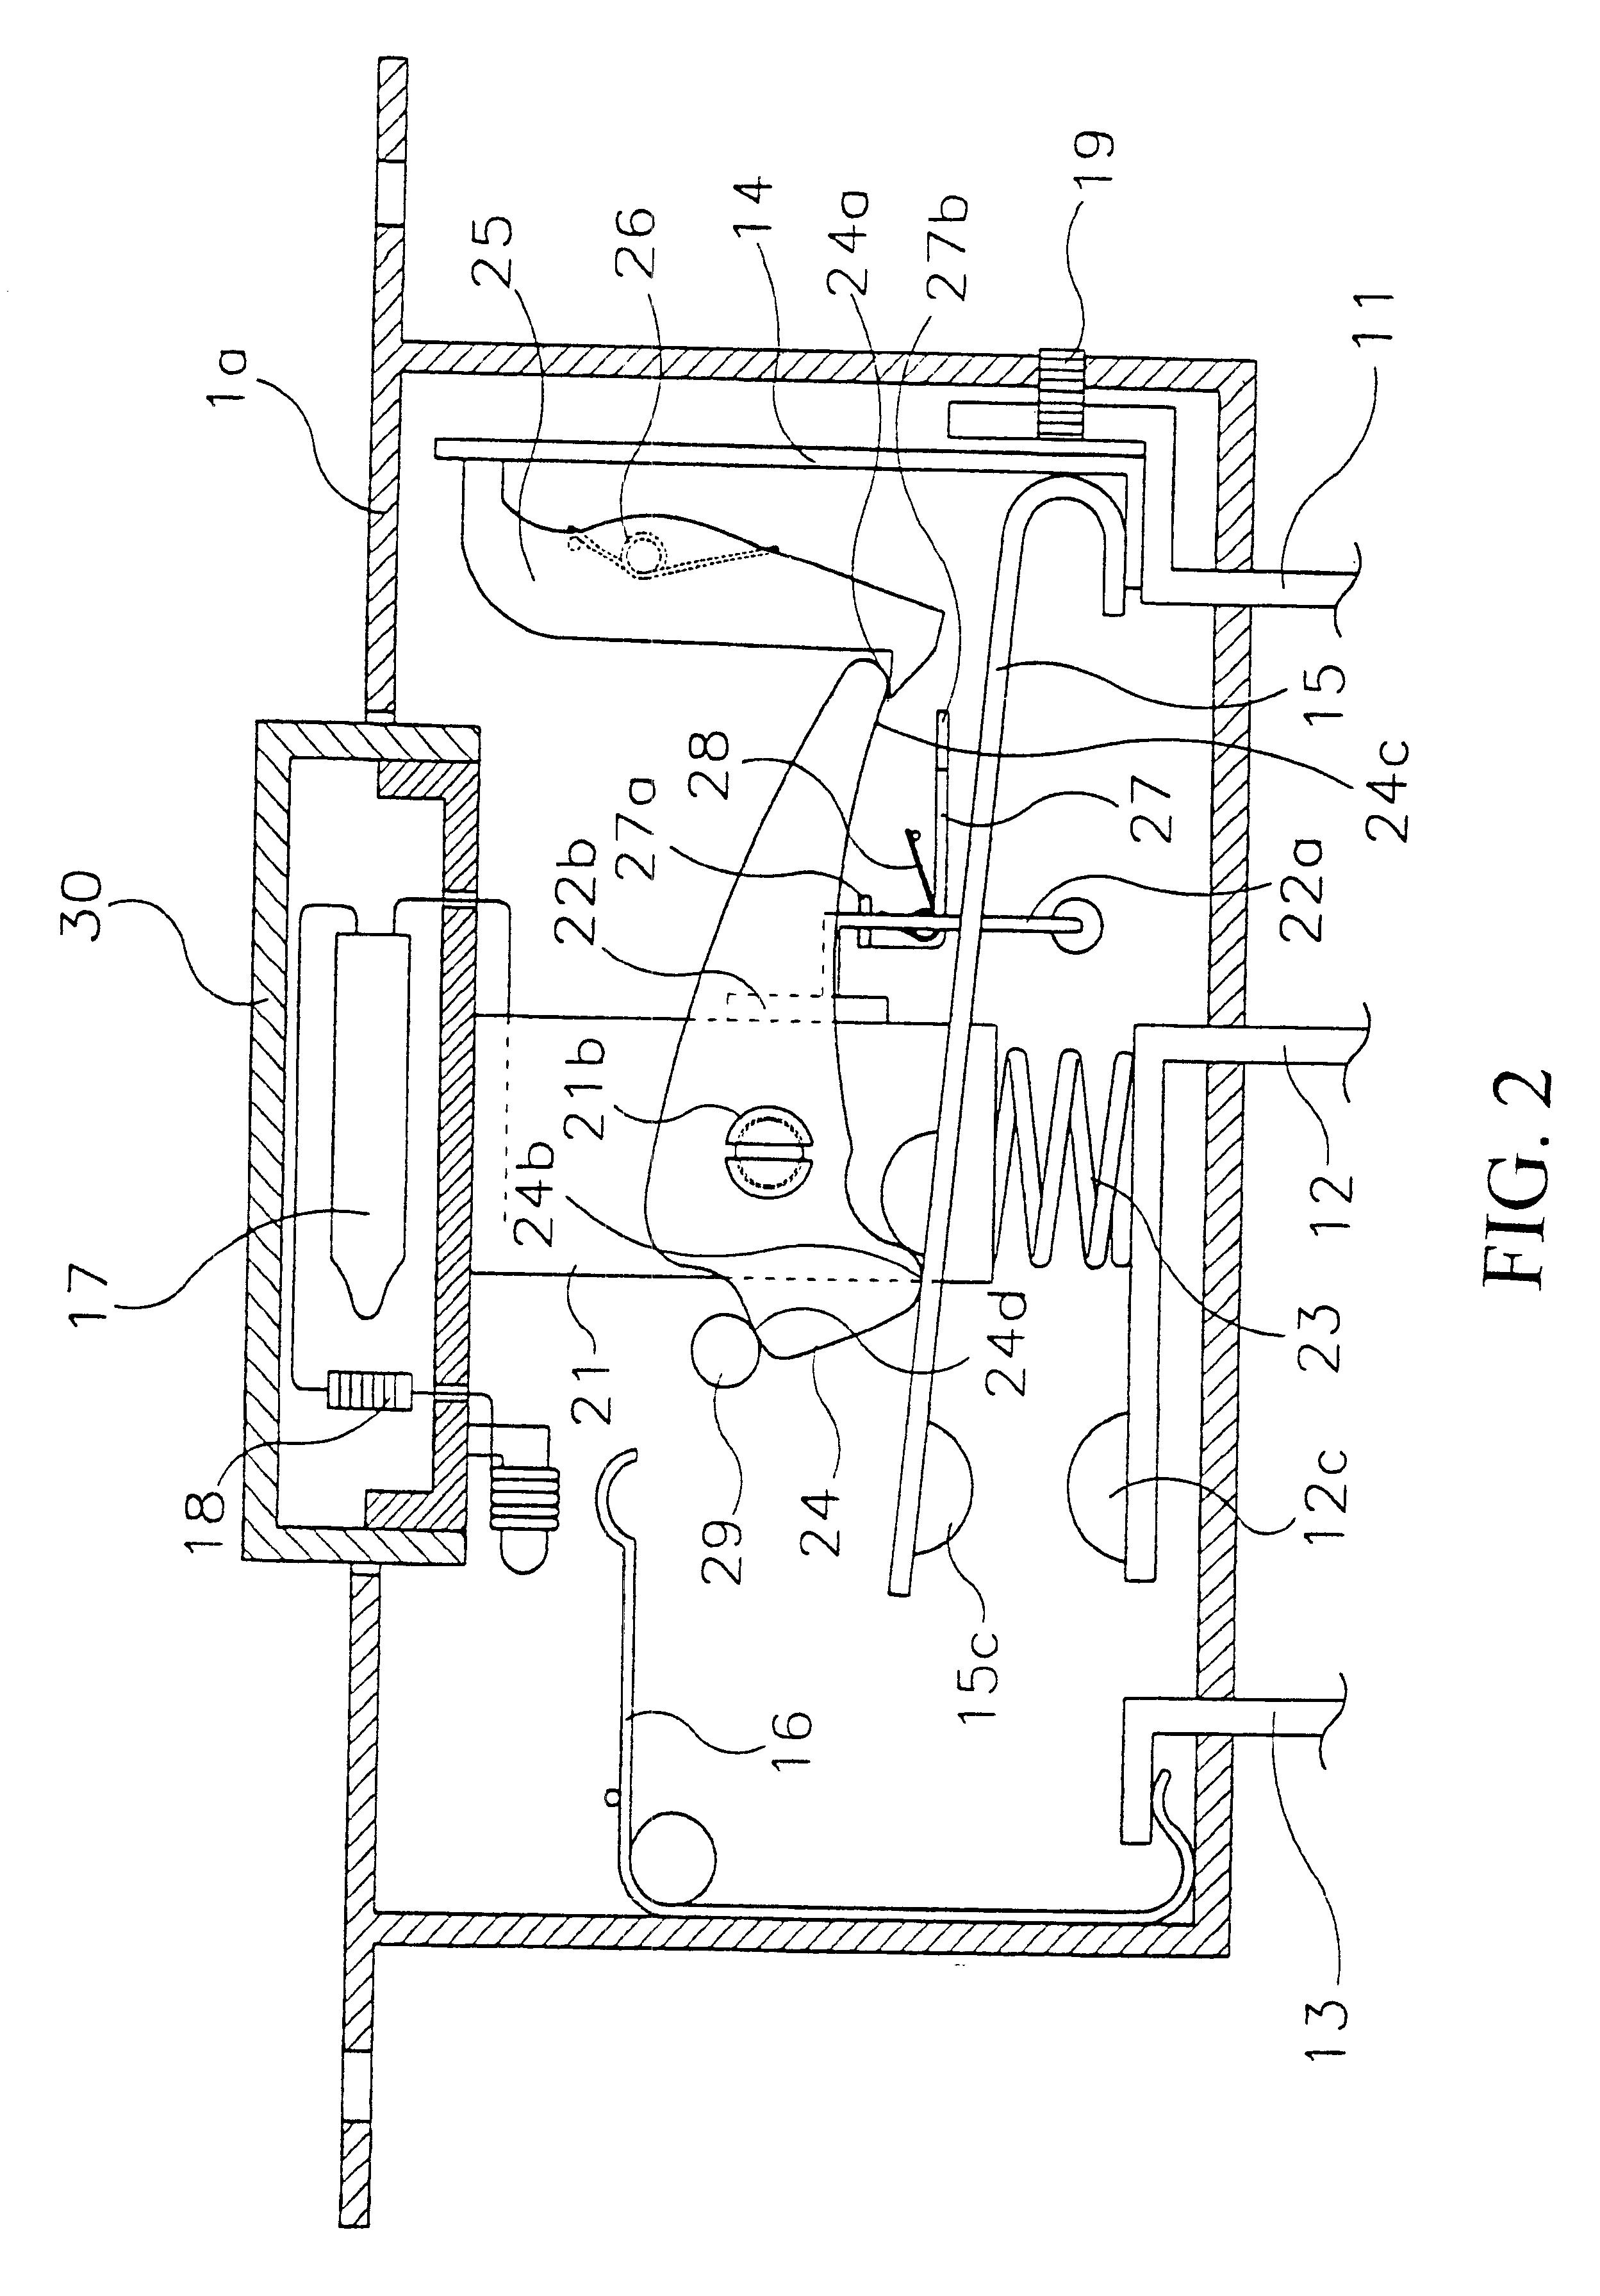 patent us6445273